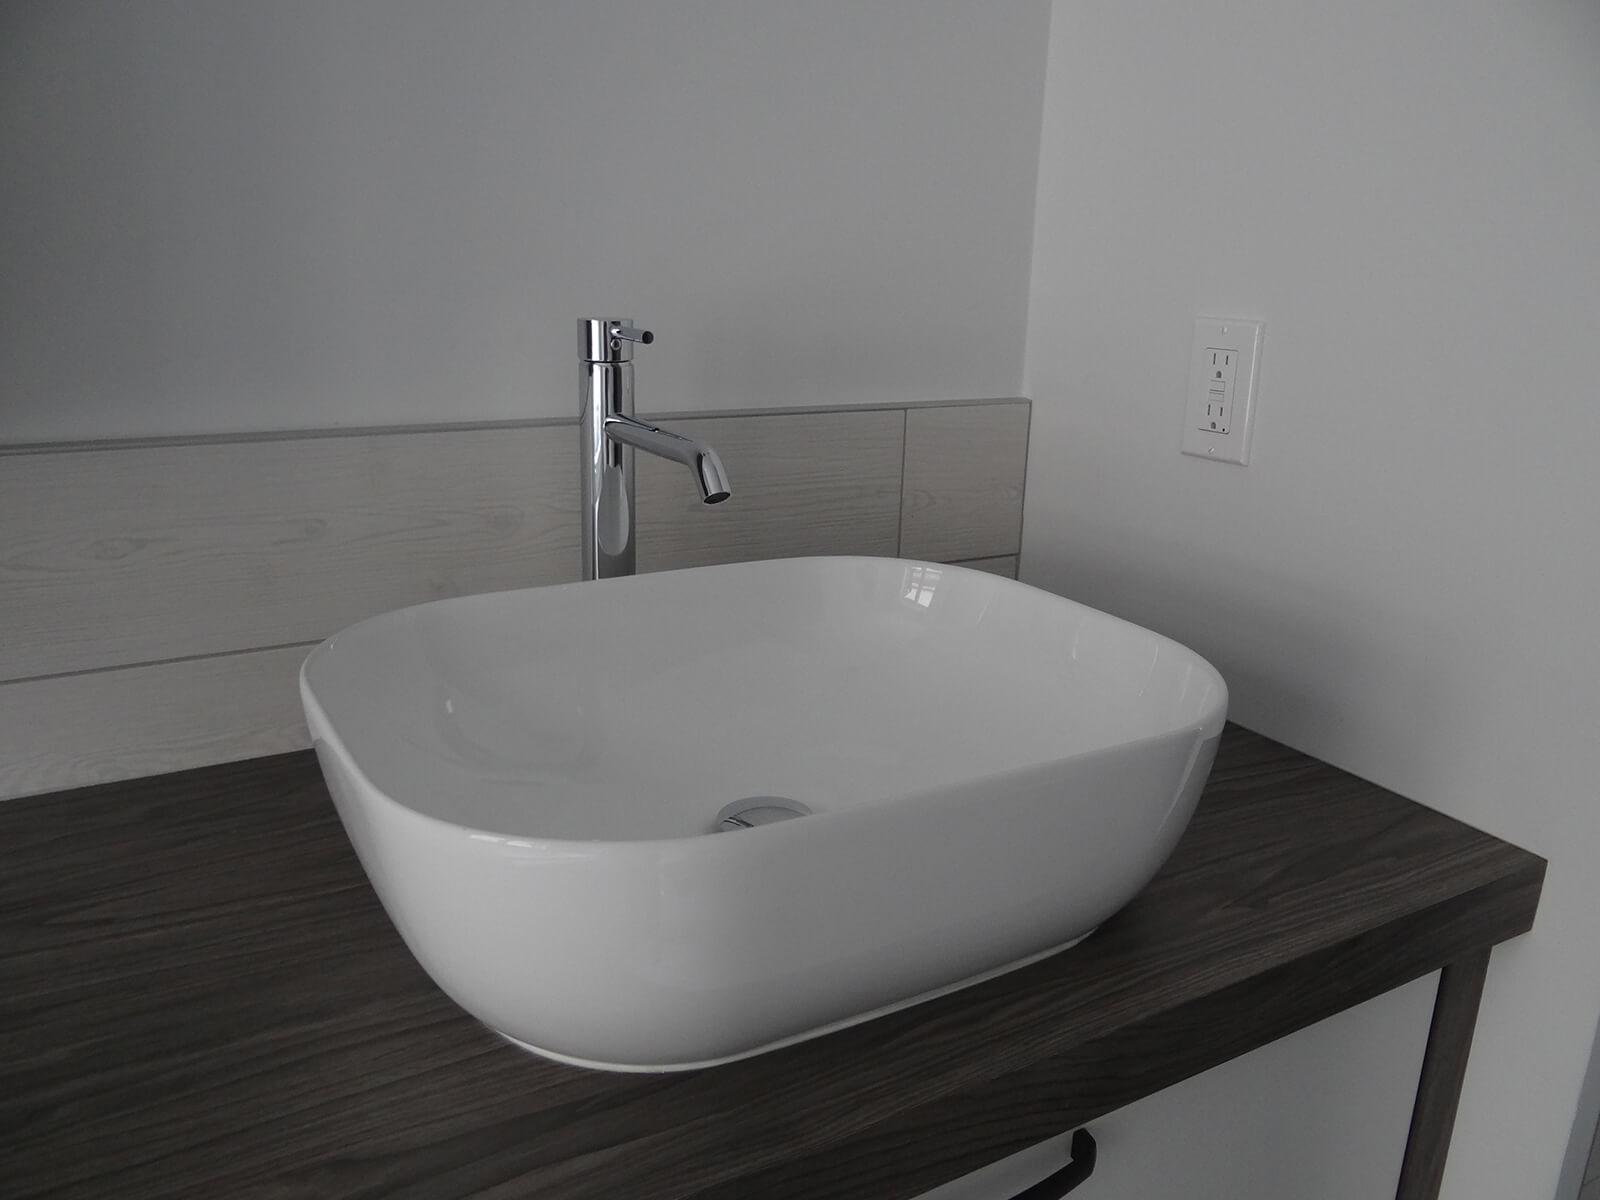 lavabo surélevé sur plan